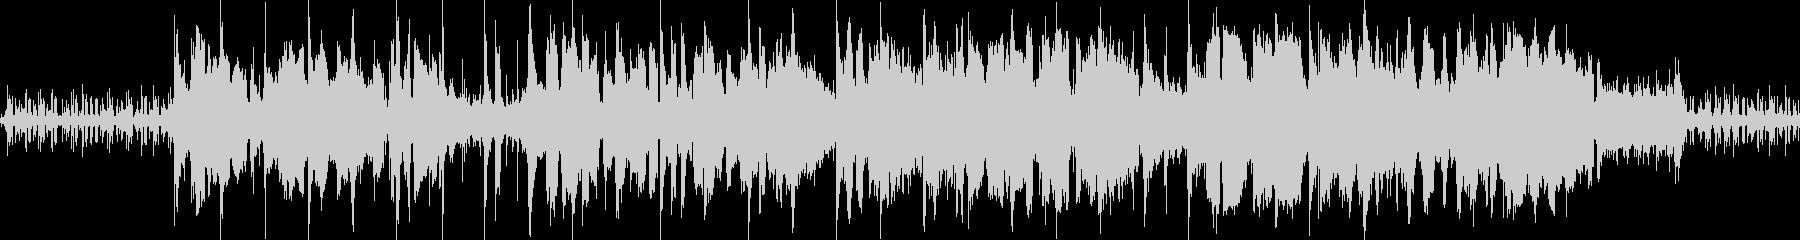 レコードから聴こえてくる切ないポップスの未再生の波形